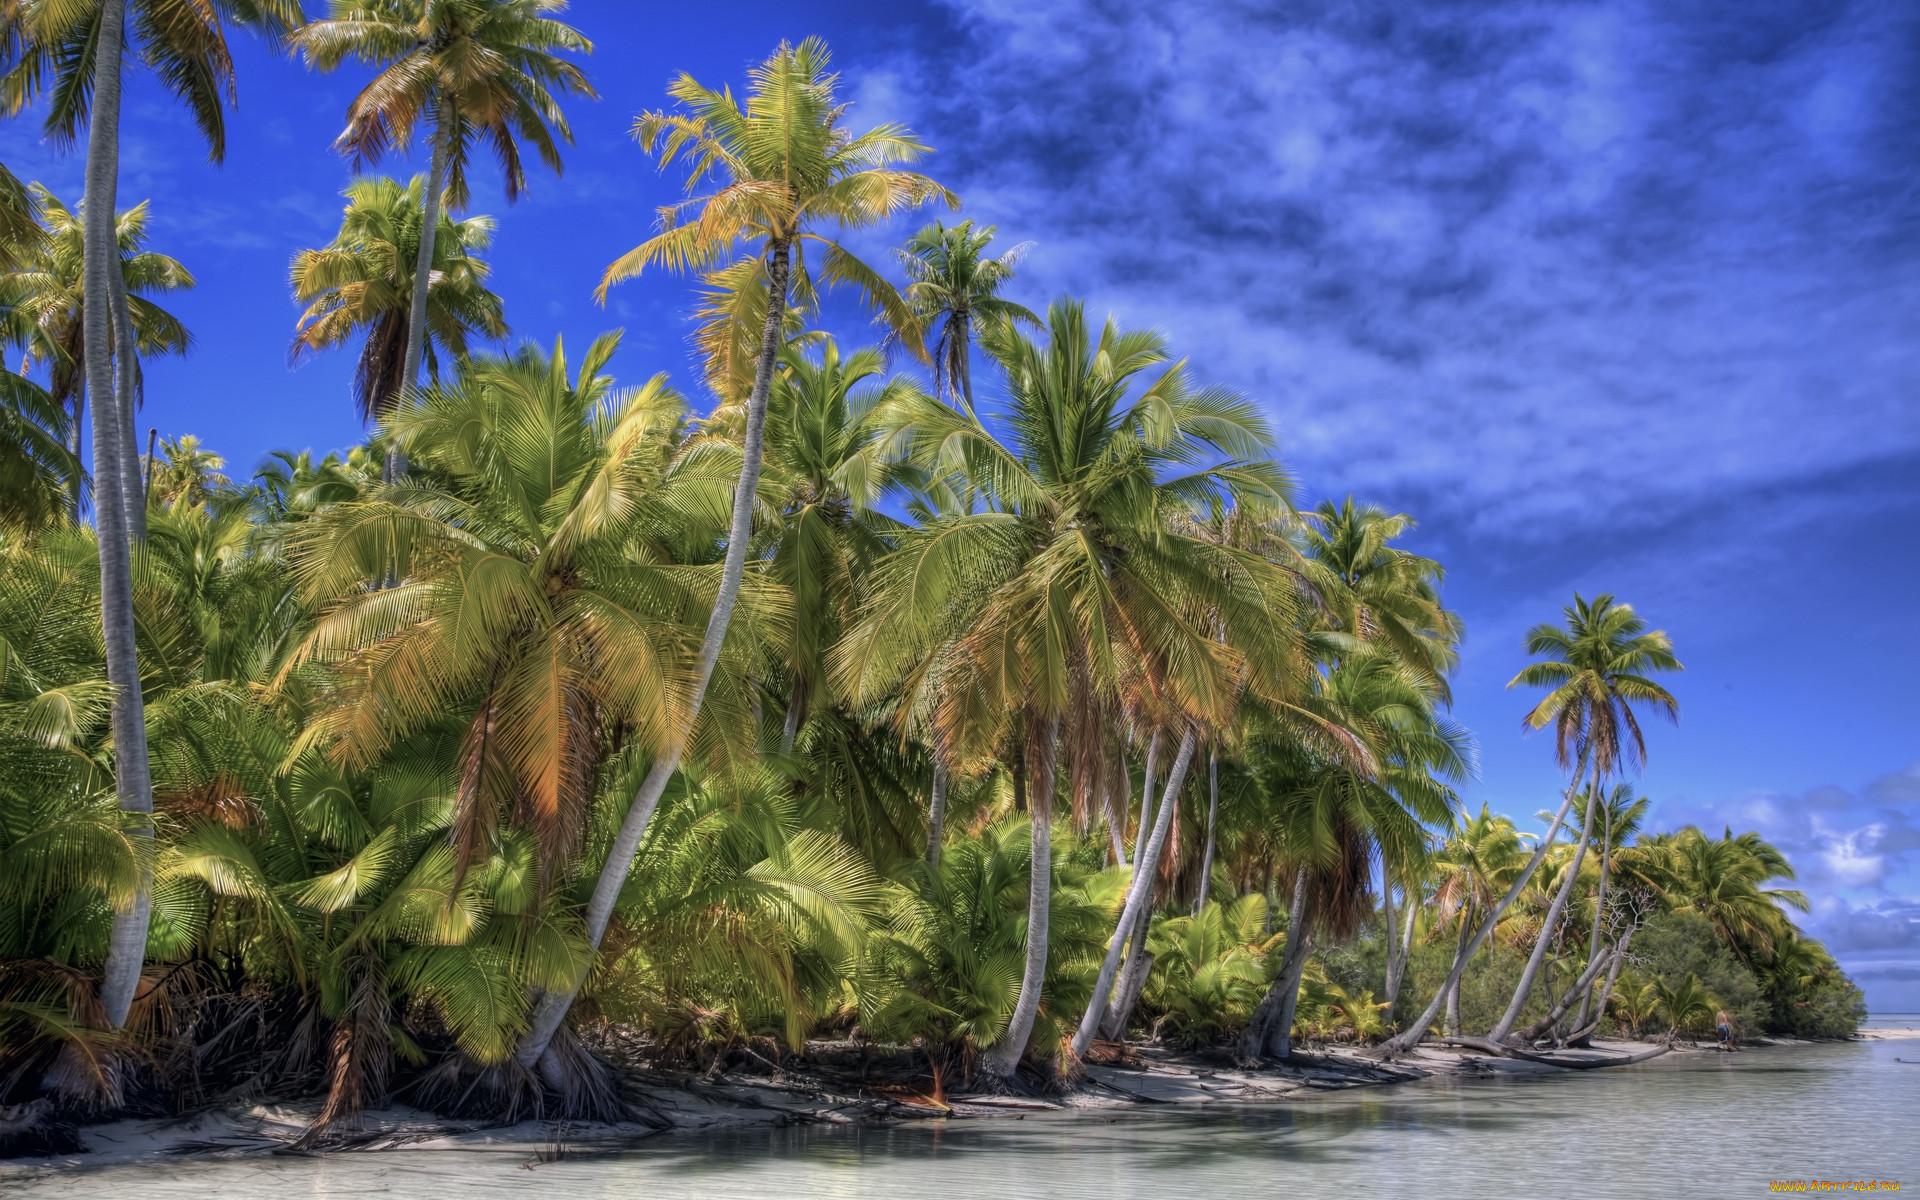 фото пальма тропики доставка пилиломатериалов регионам